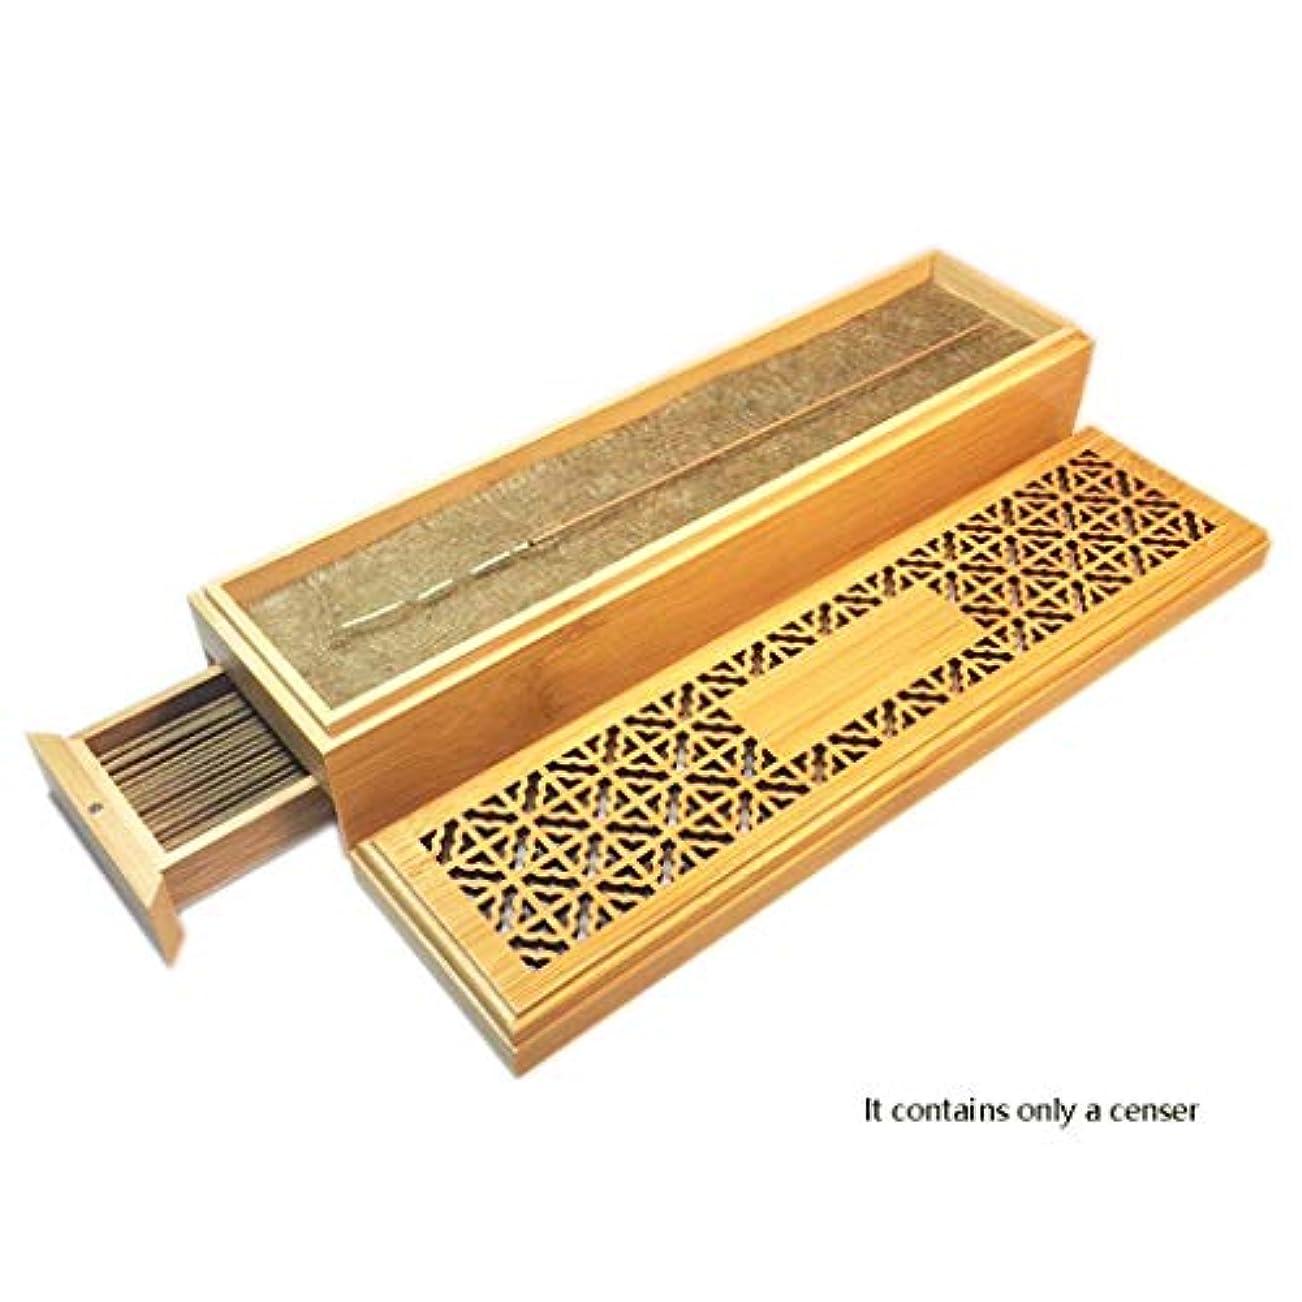 ではごきげんよう抽選結婚したホームアロマバーナー 竹製お香バーナー引き出し付スティック収納ボックス中空木製ケースボックスIncensoスティックホルダー 芳香器アロマバーナー (Color : Natural)